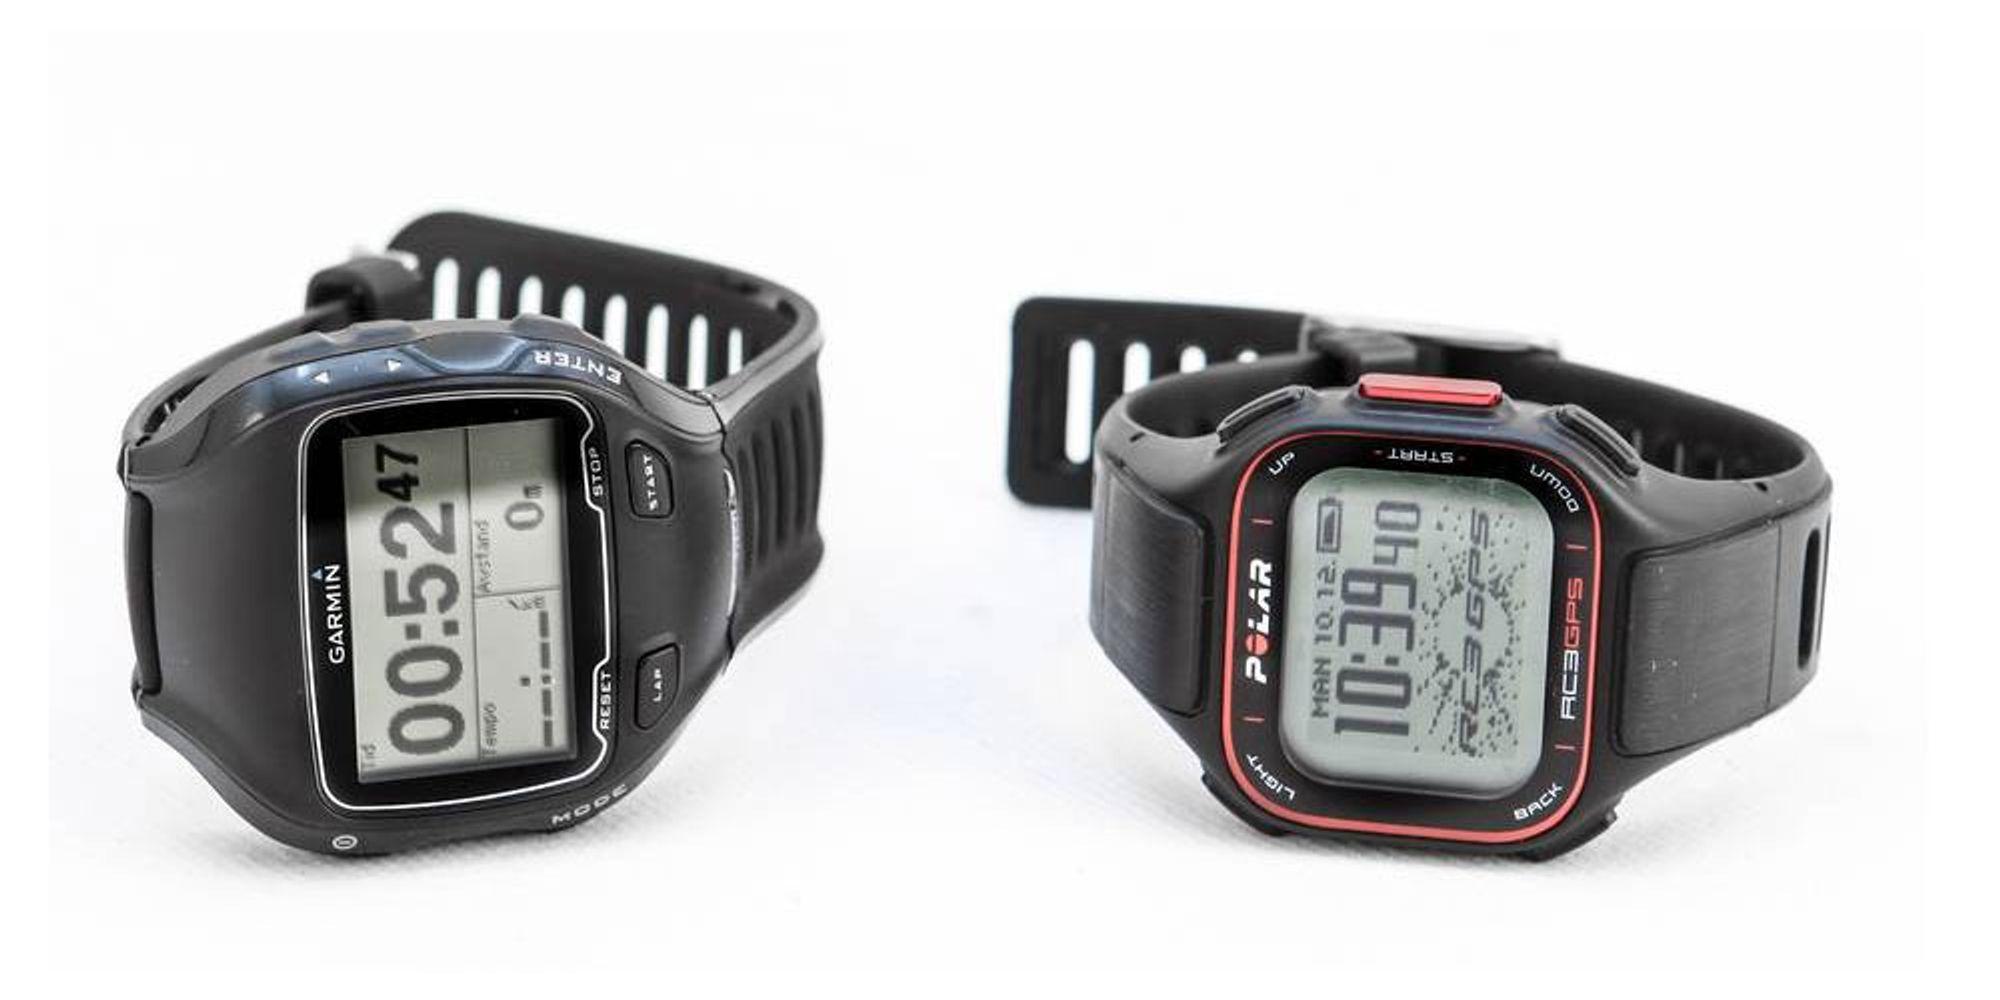 TEST: Pulsklokker med innebygget GPS